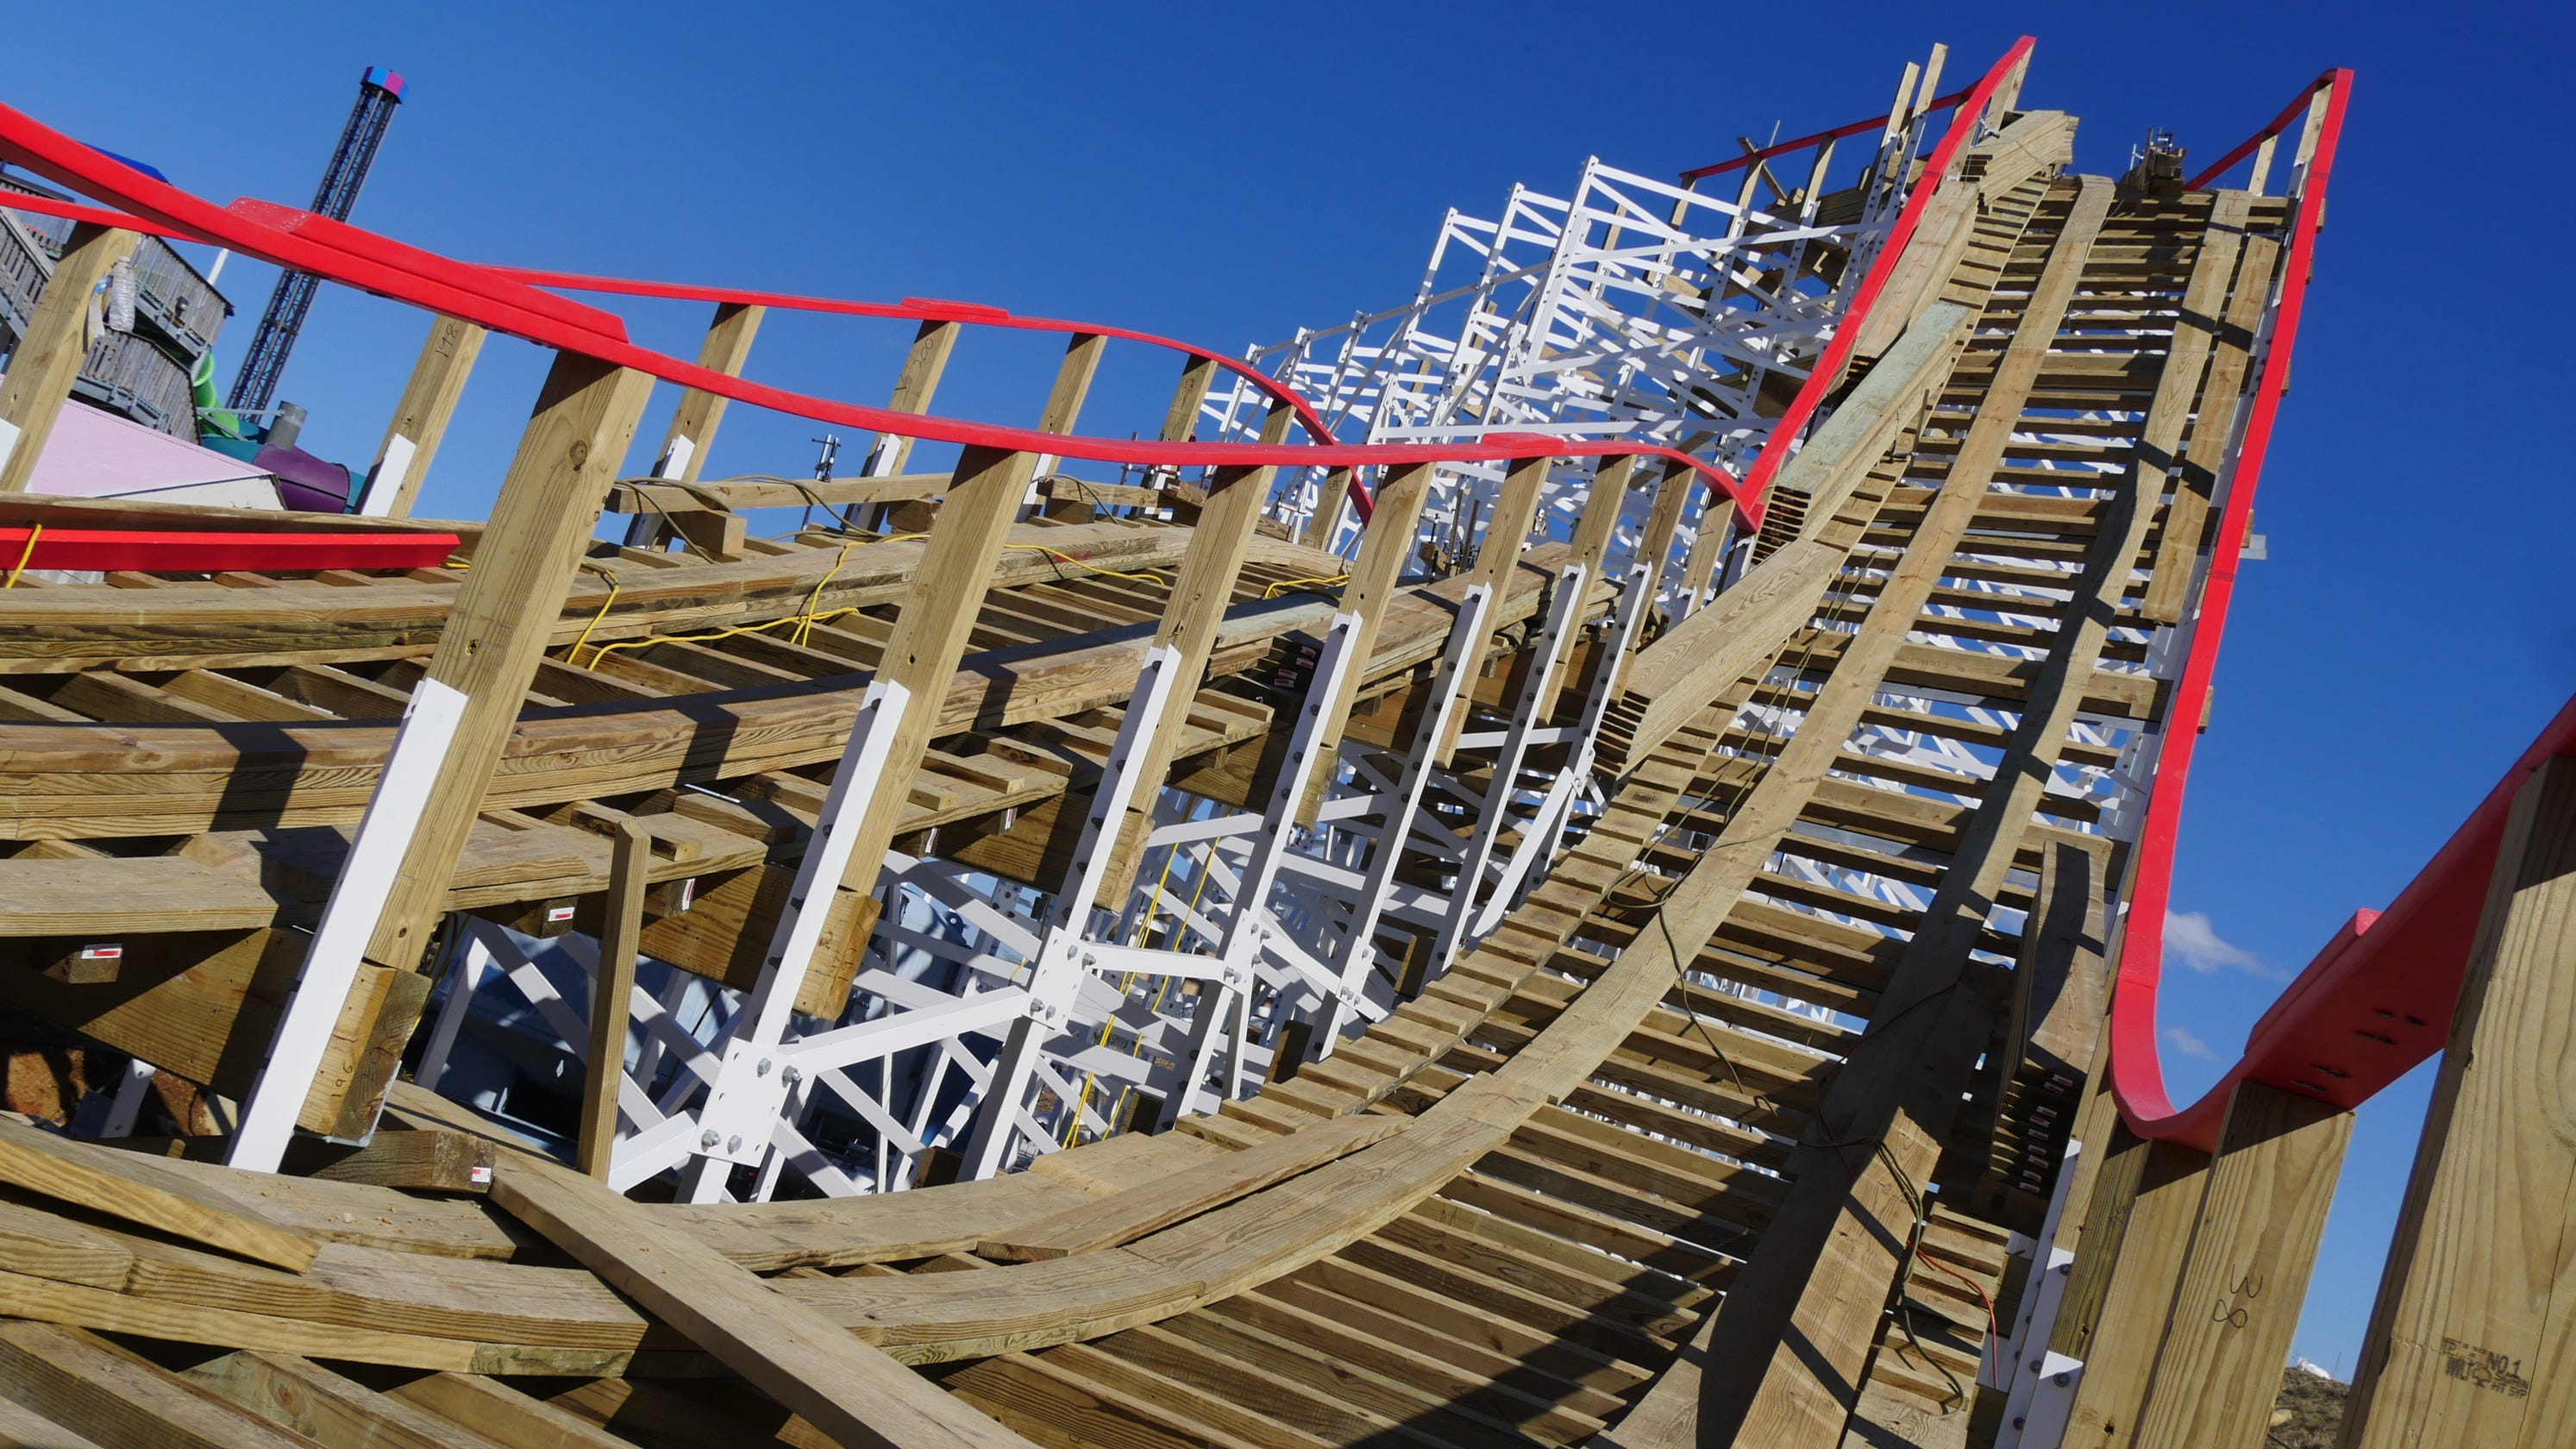 Amusement Parks Near Me Ms Cheap Has The Best Theme Park Deals For You